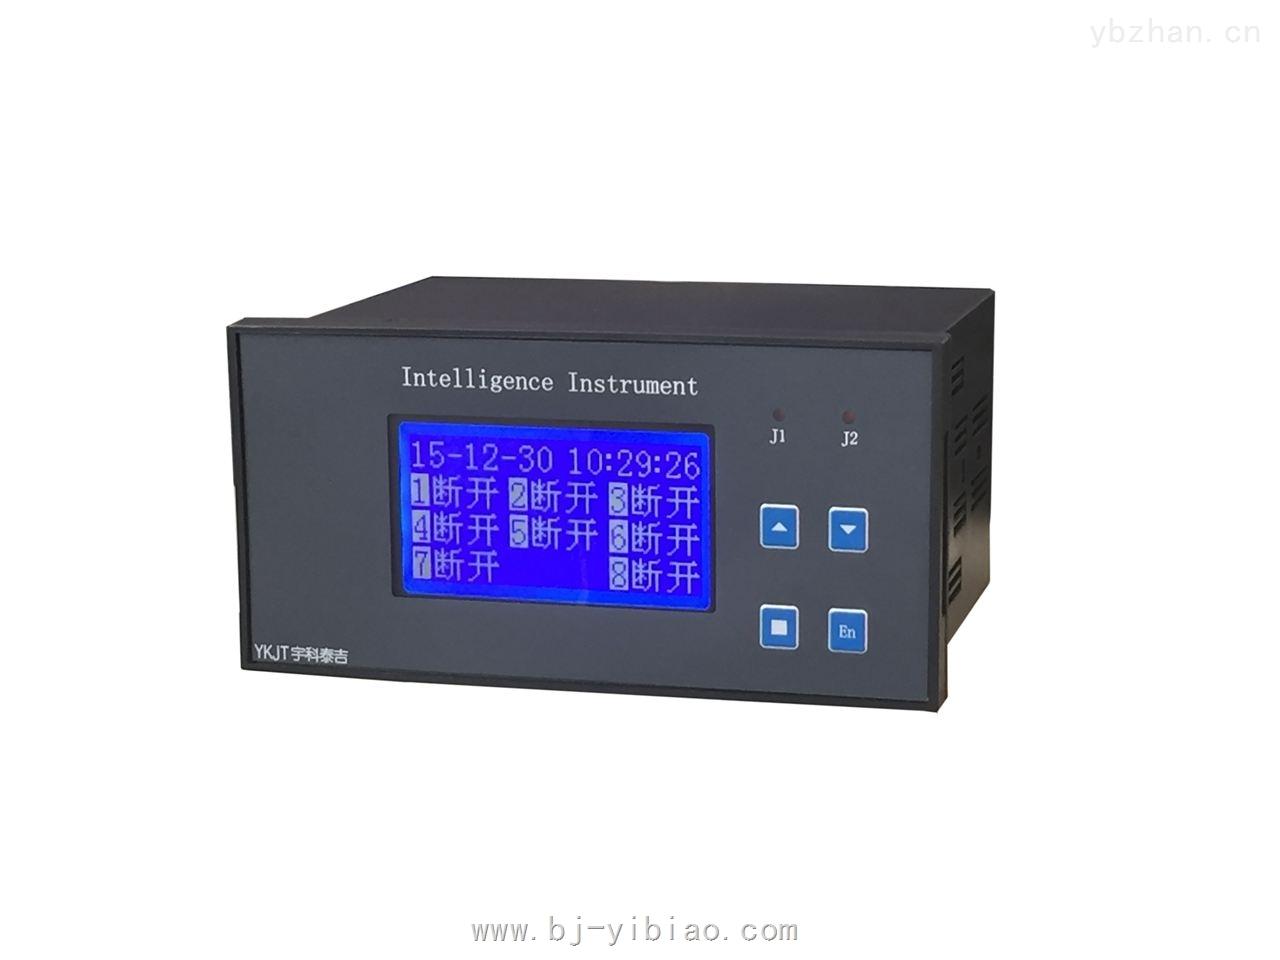 一種可以記錄機器停止工作時間的記錄儀